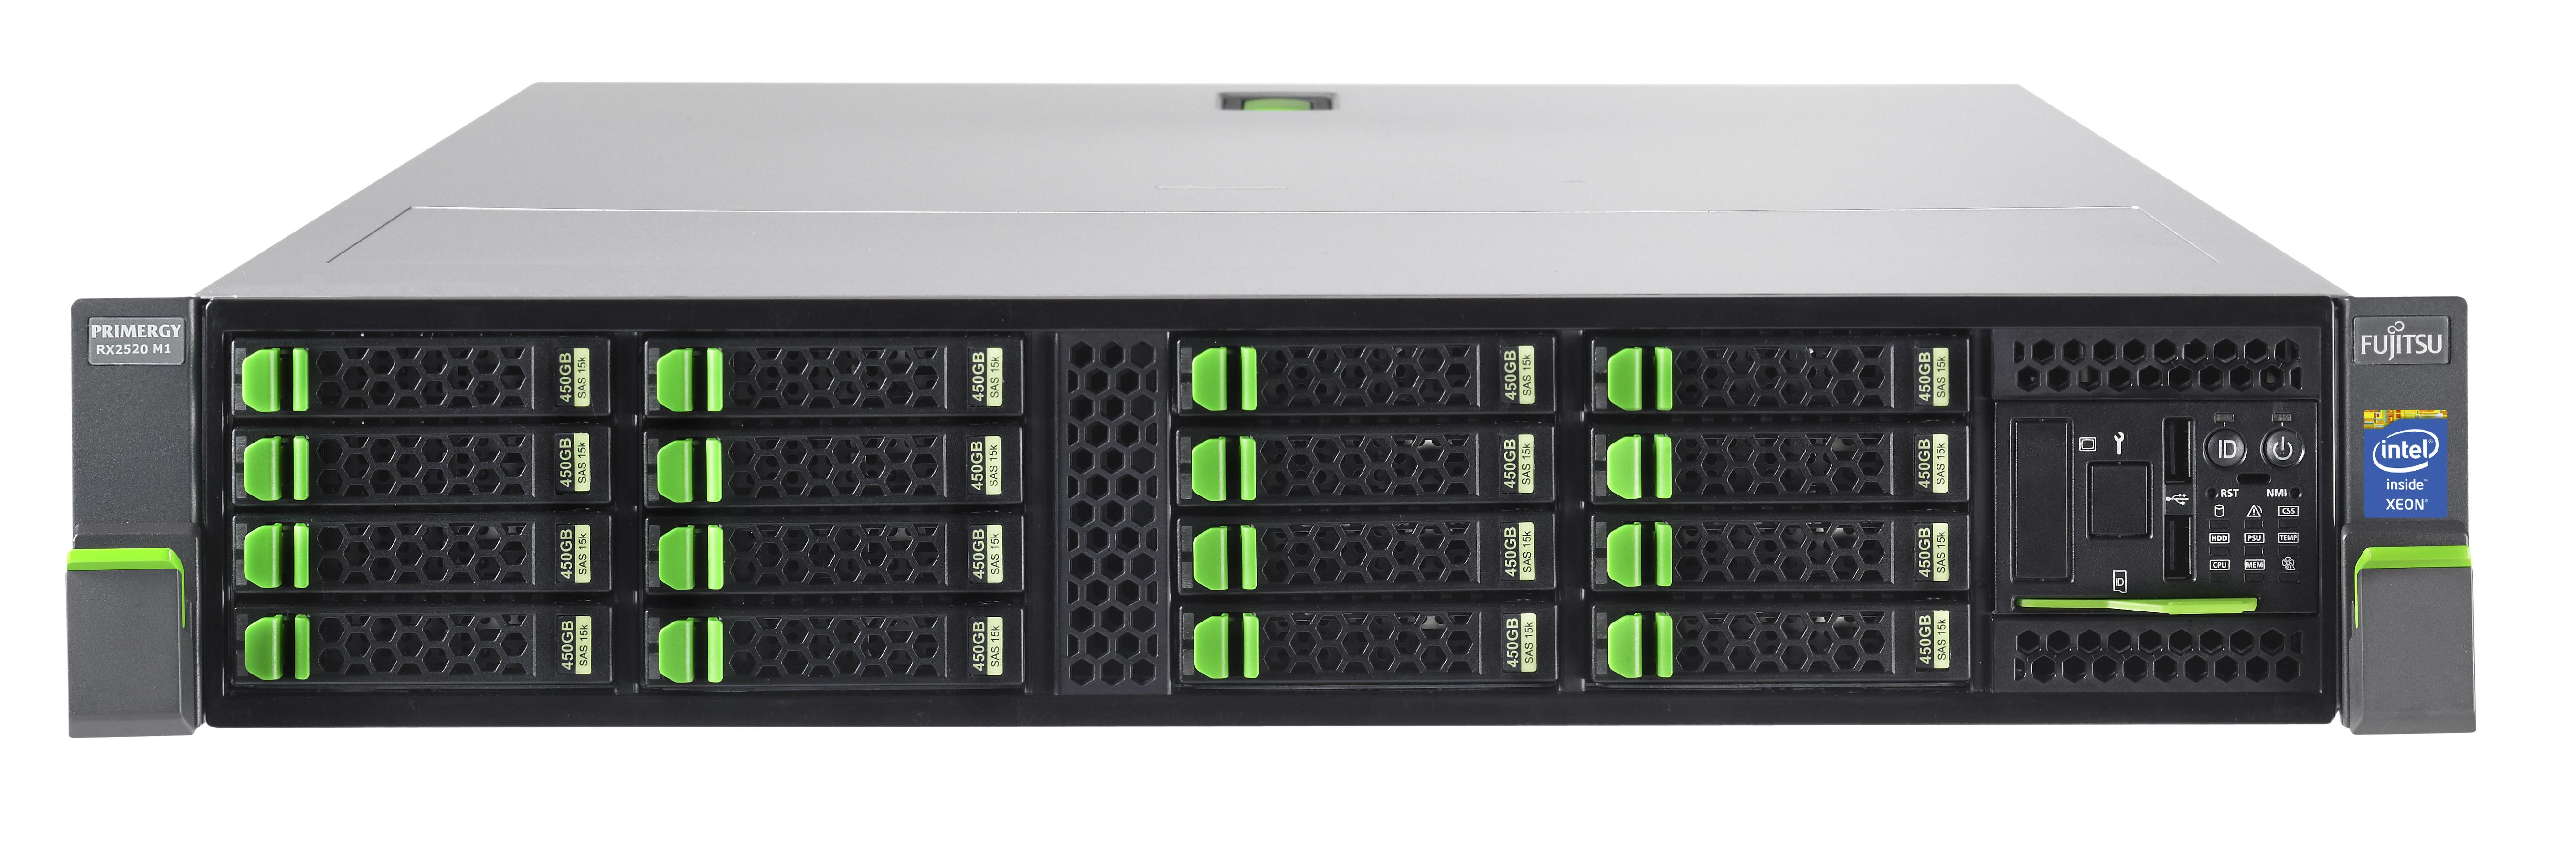 Fujitsu PRIMERGY RX2520 M1 1.8GHz E5-2403V2 450W Rack (2U) Server